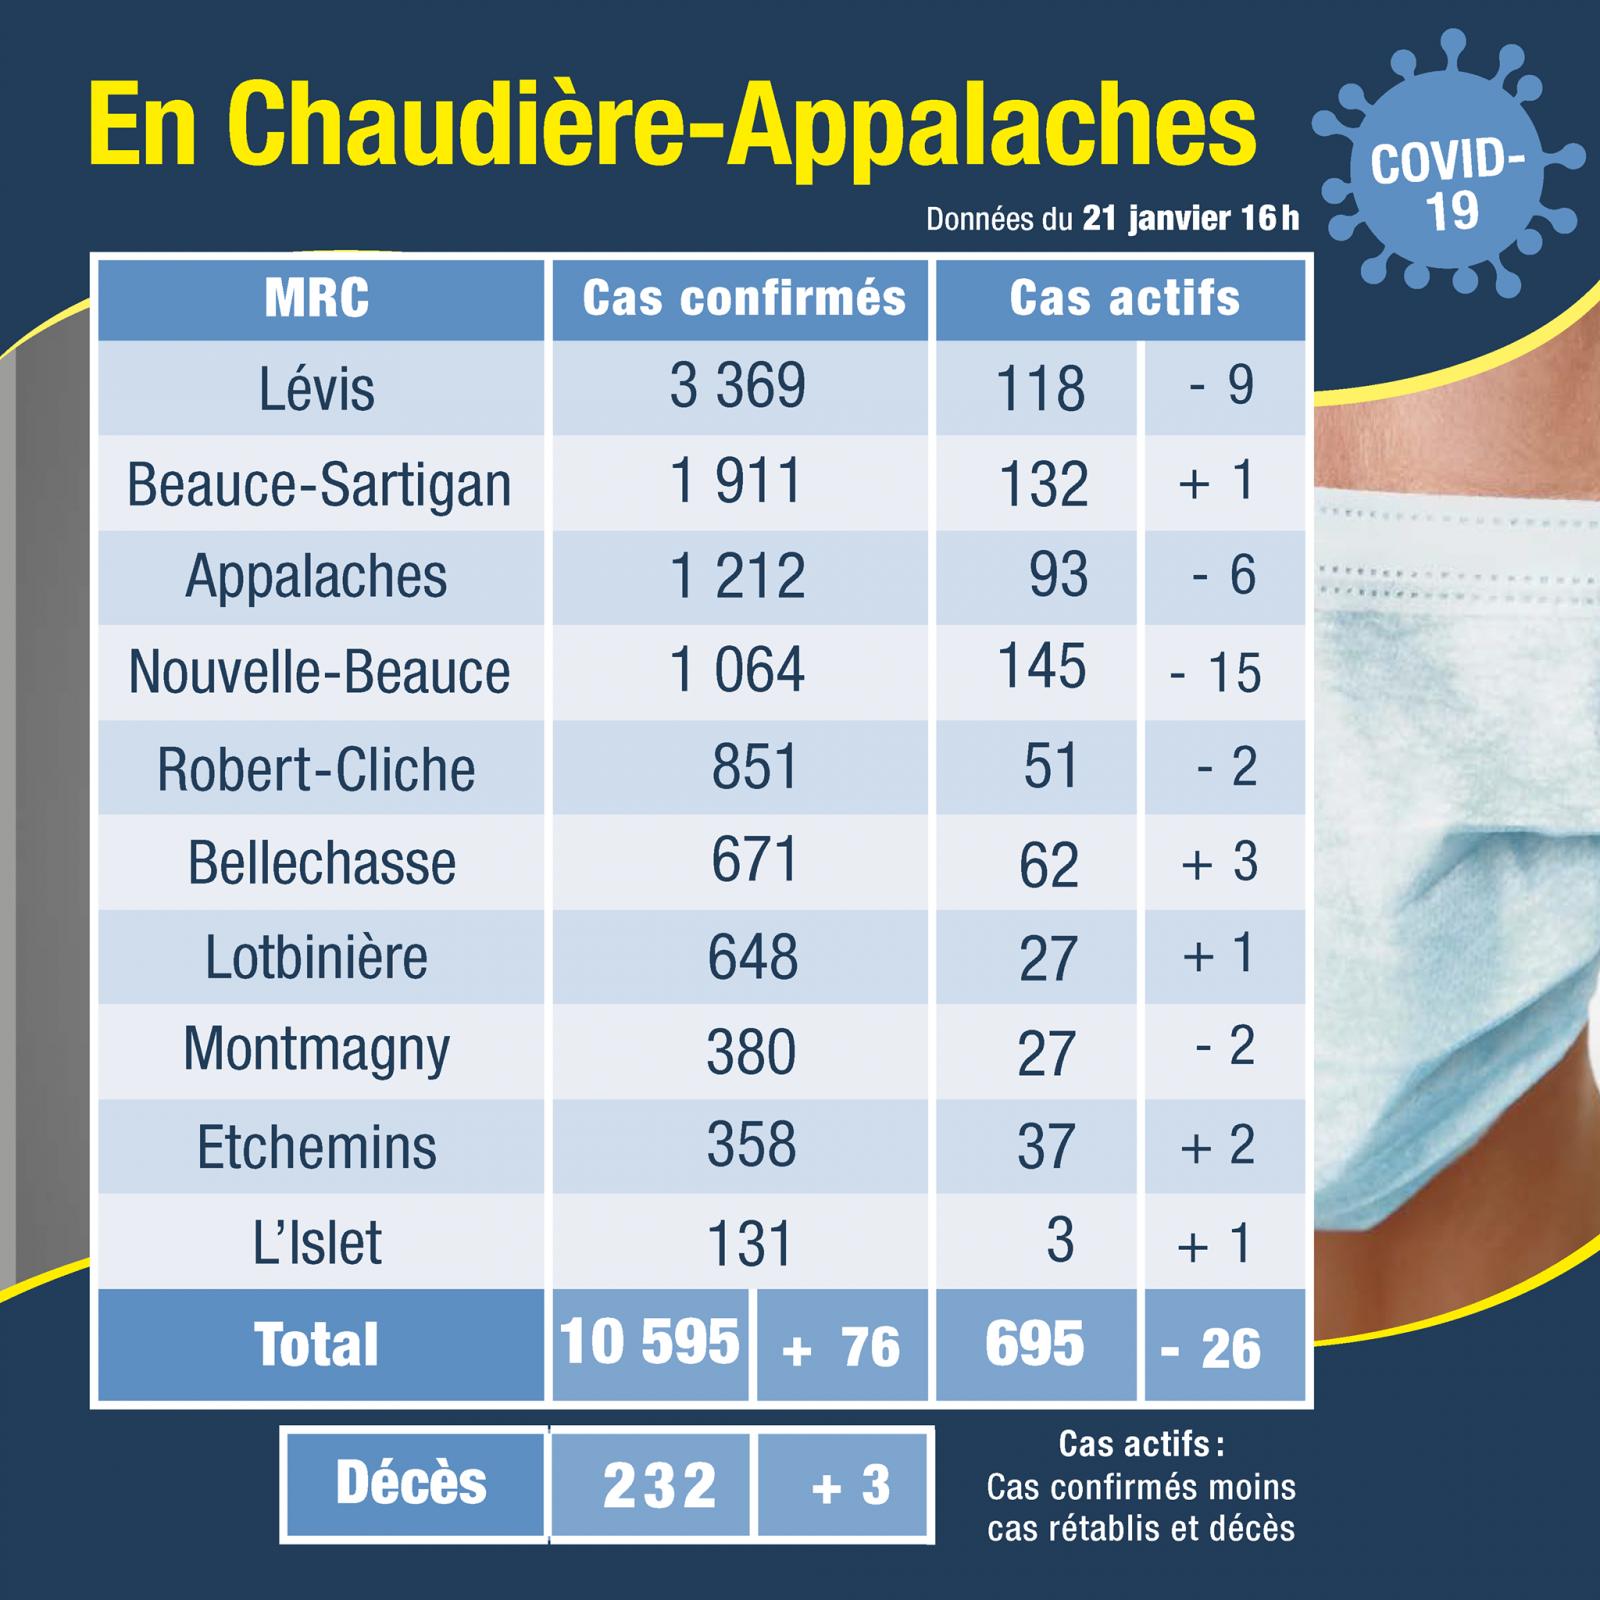 27 cas actifs dans la MRC de Montmagny et 3 dans la MRC de L'Islet